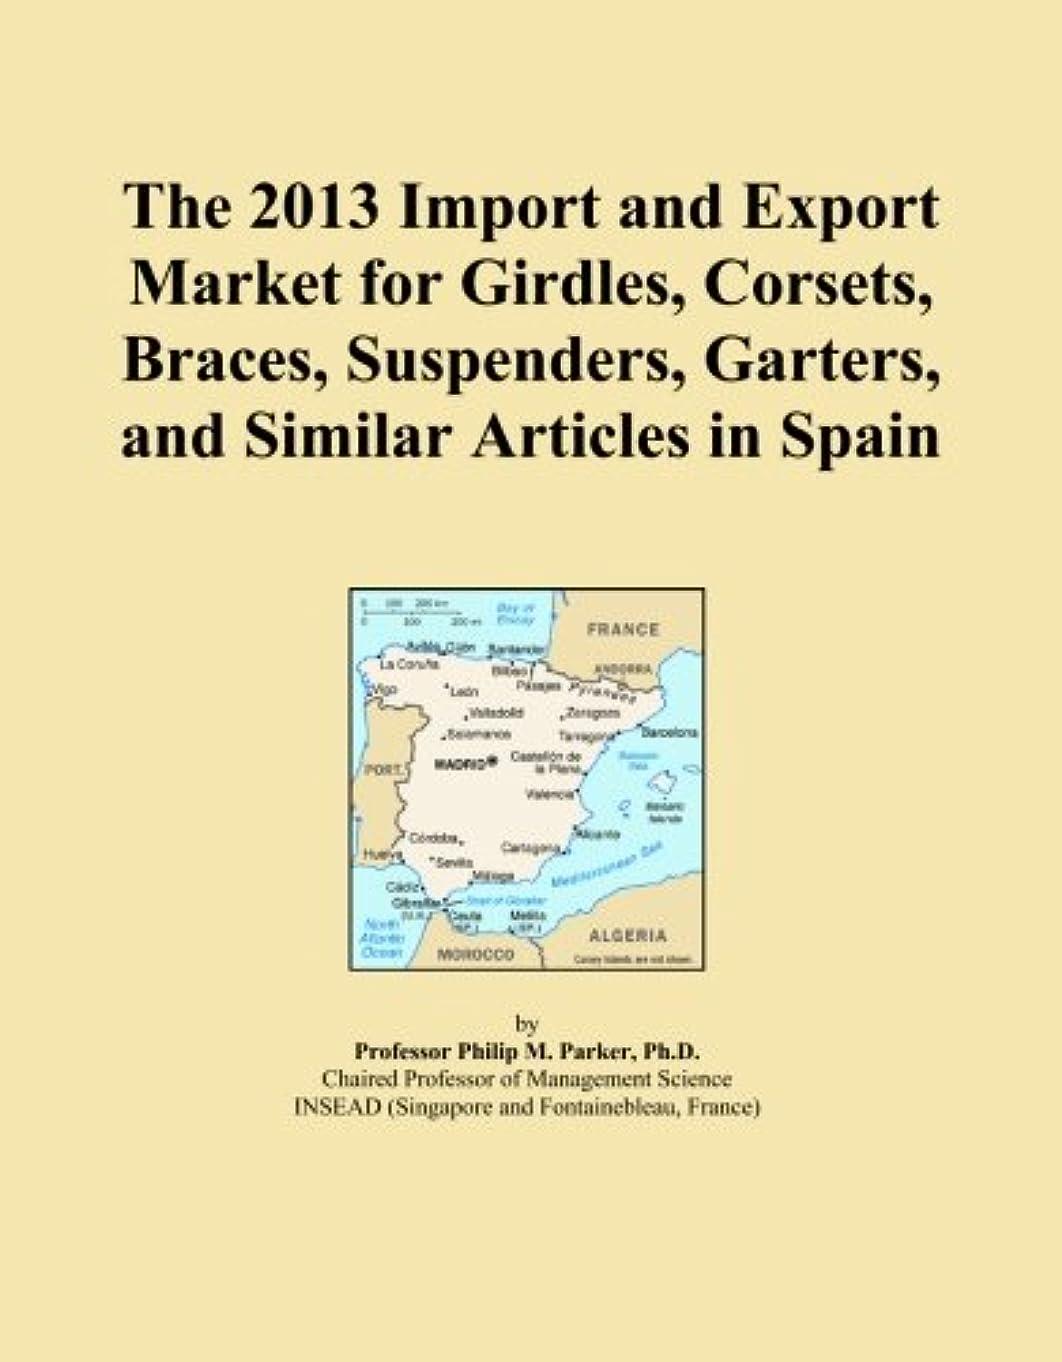 図書館コットン手紙を書くThe 2013 Import and Export Market for Girdles, Corsets, Braces, Suspenders, Garters, and Similar Articles in Spain